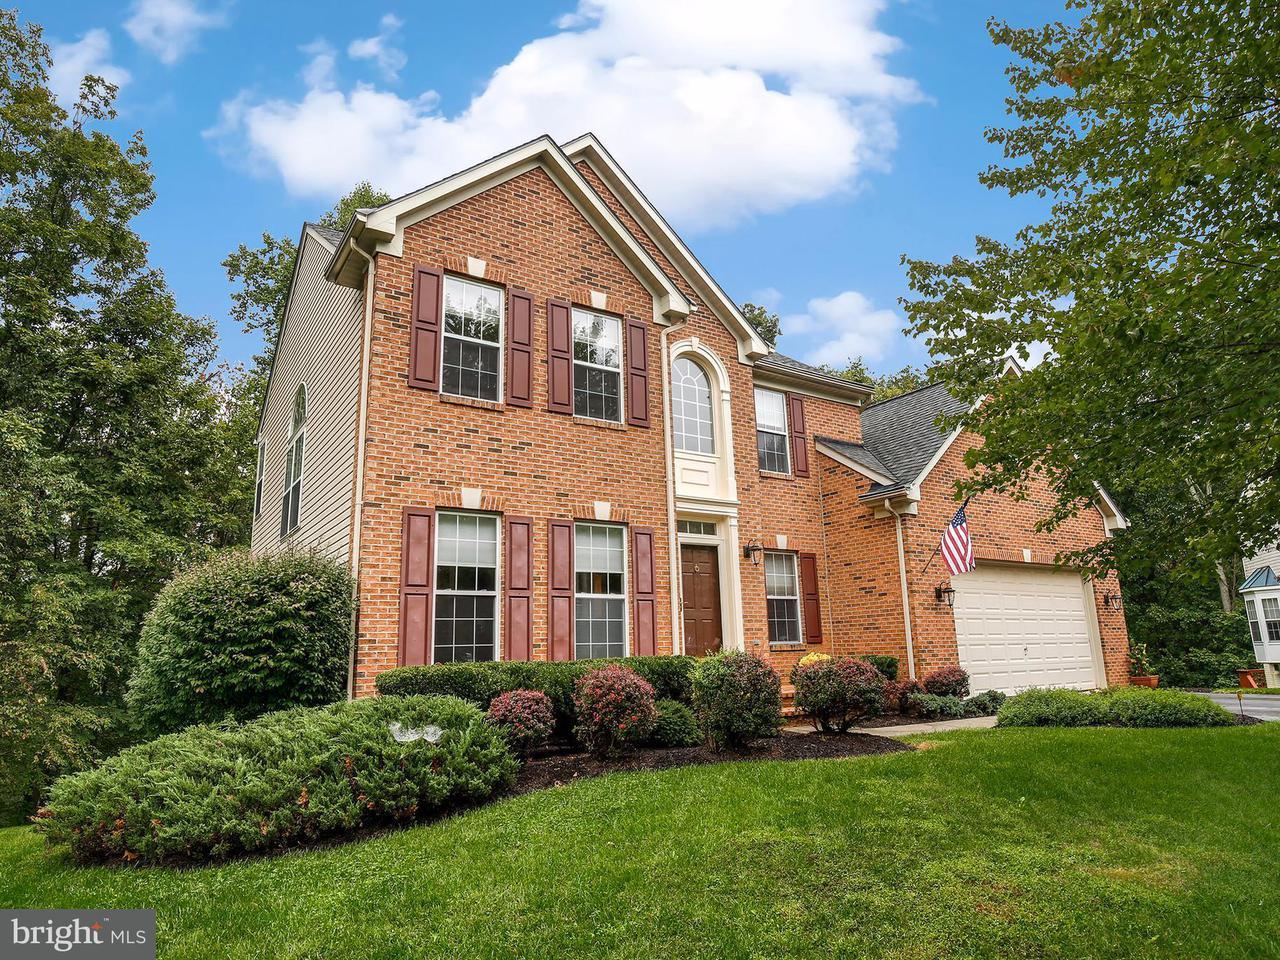 獨棟家庭住宅 為 出售 在 10500 SANTA ANITA TER 10500 SANTA ANITA TER Damascus, 馬里蘭州 20872 美國